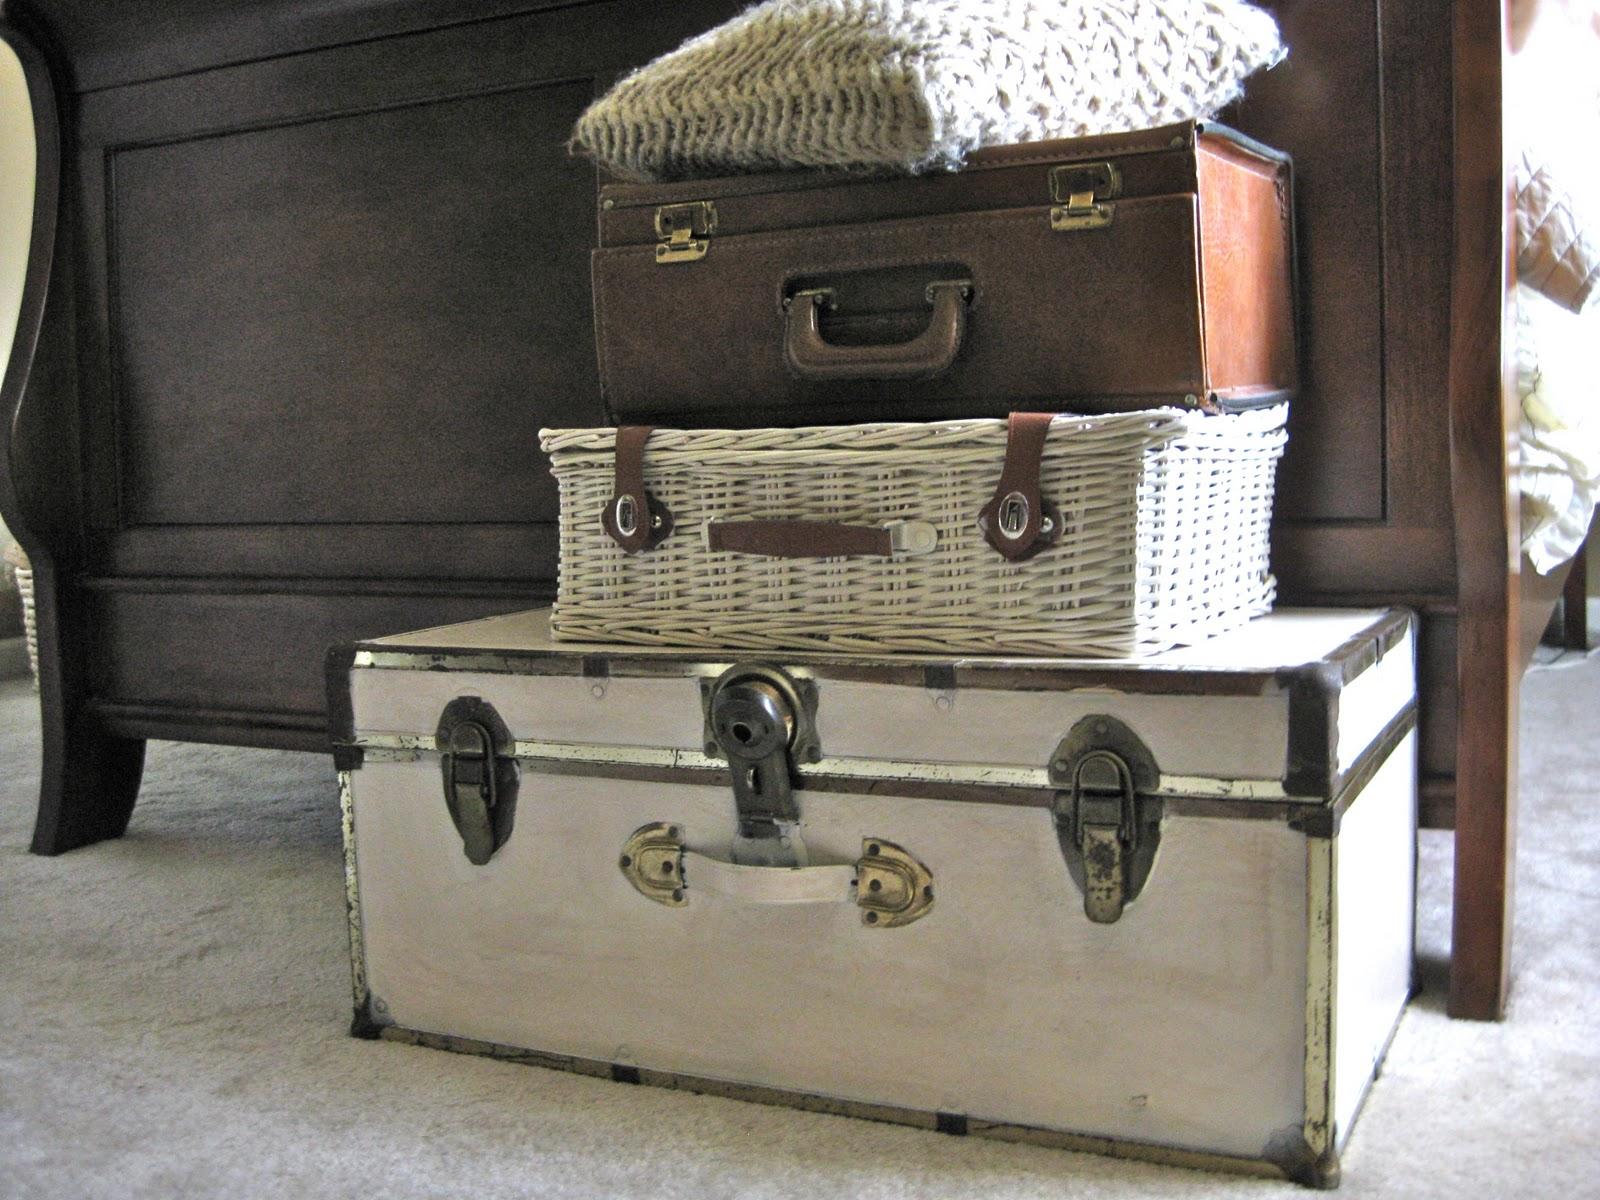 valises-antiques—menage-tri-rangement-epuration-maison-menage-organisation-minimalisme-decorer_deco_idees_solutions_trucs_conseils_comment_decoration_interieure_design_interieur_ameublement_quebec_canada